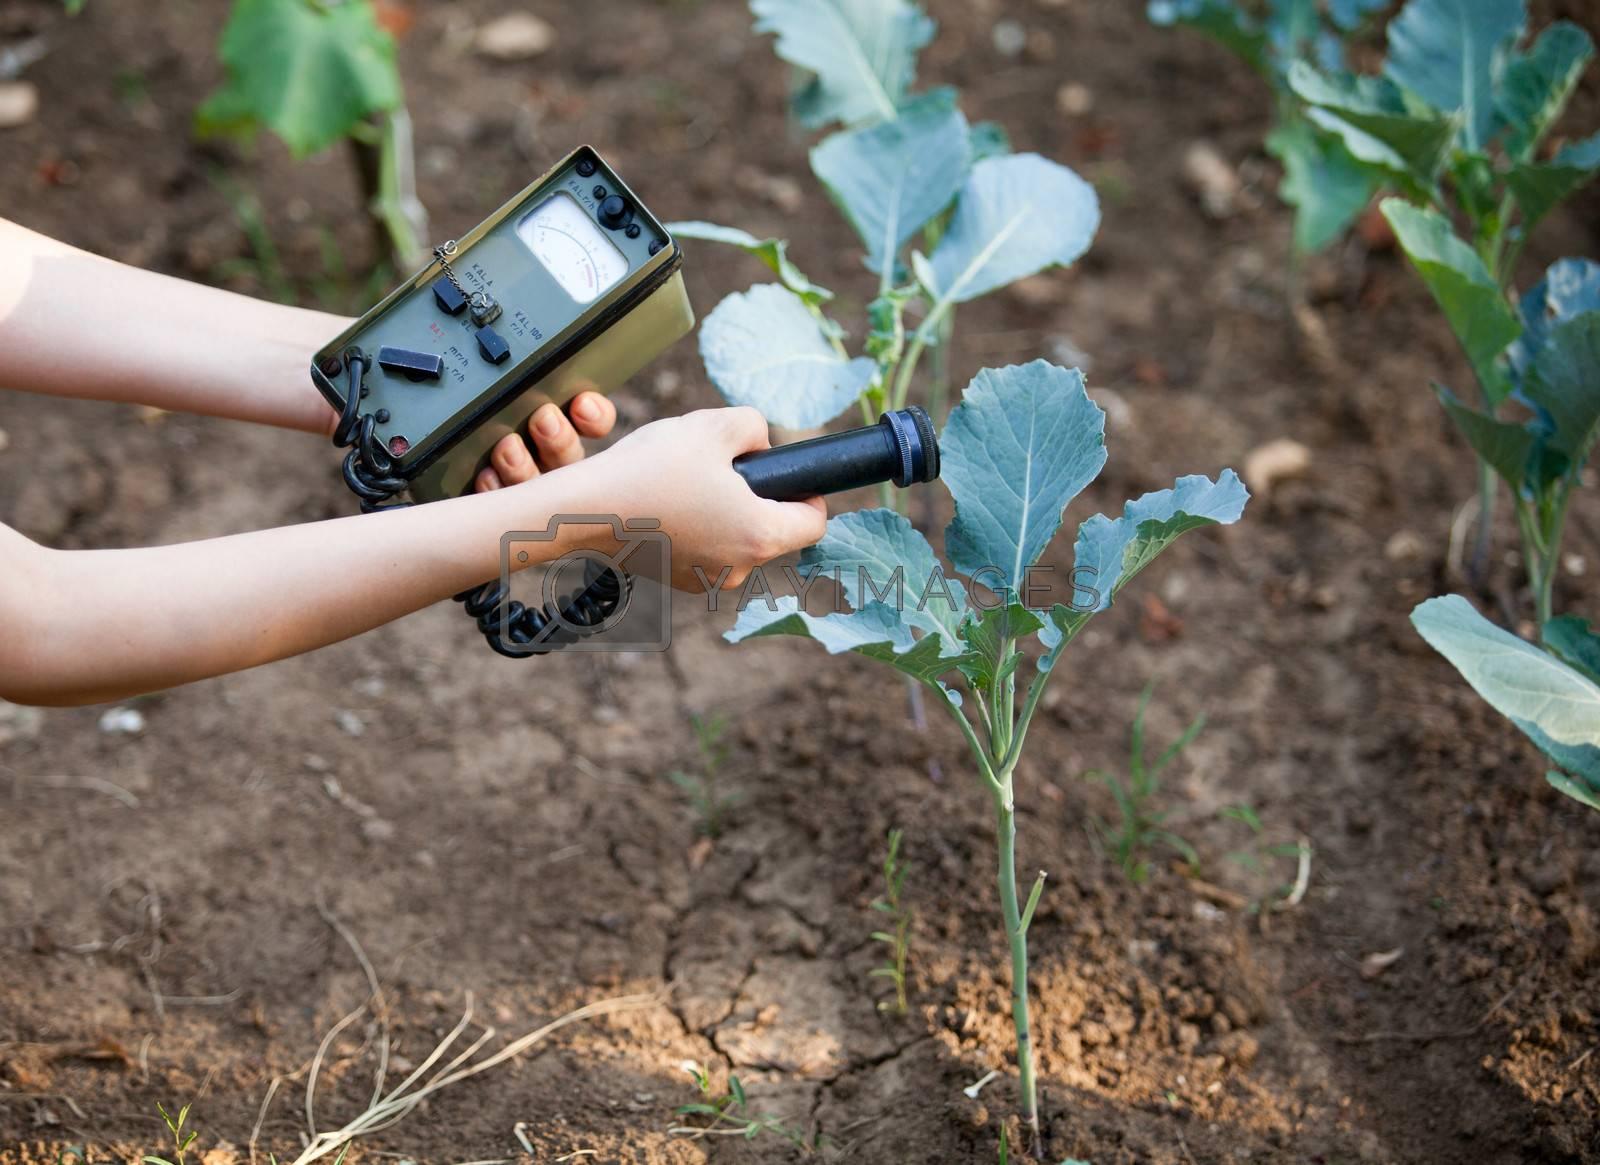 Measuring radiation levels of vegetables